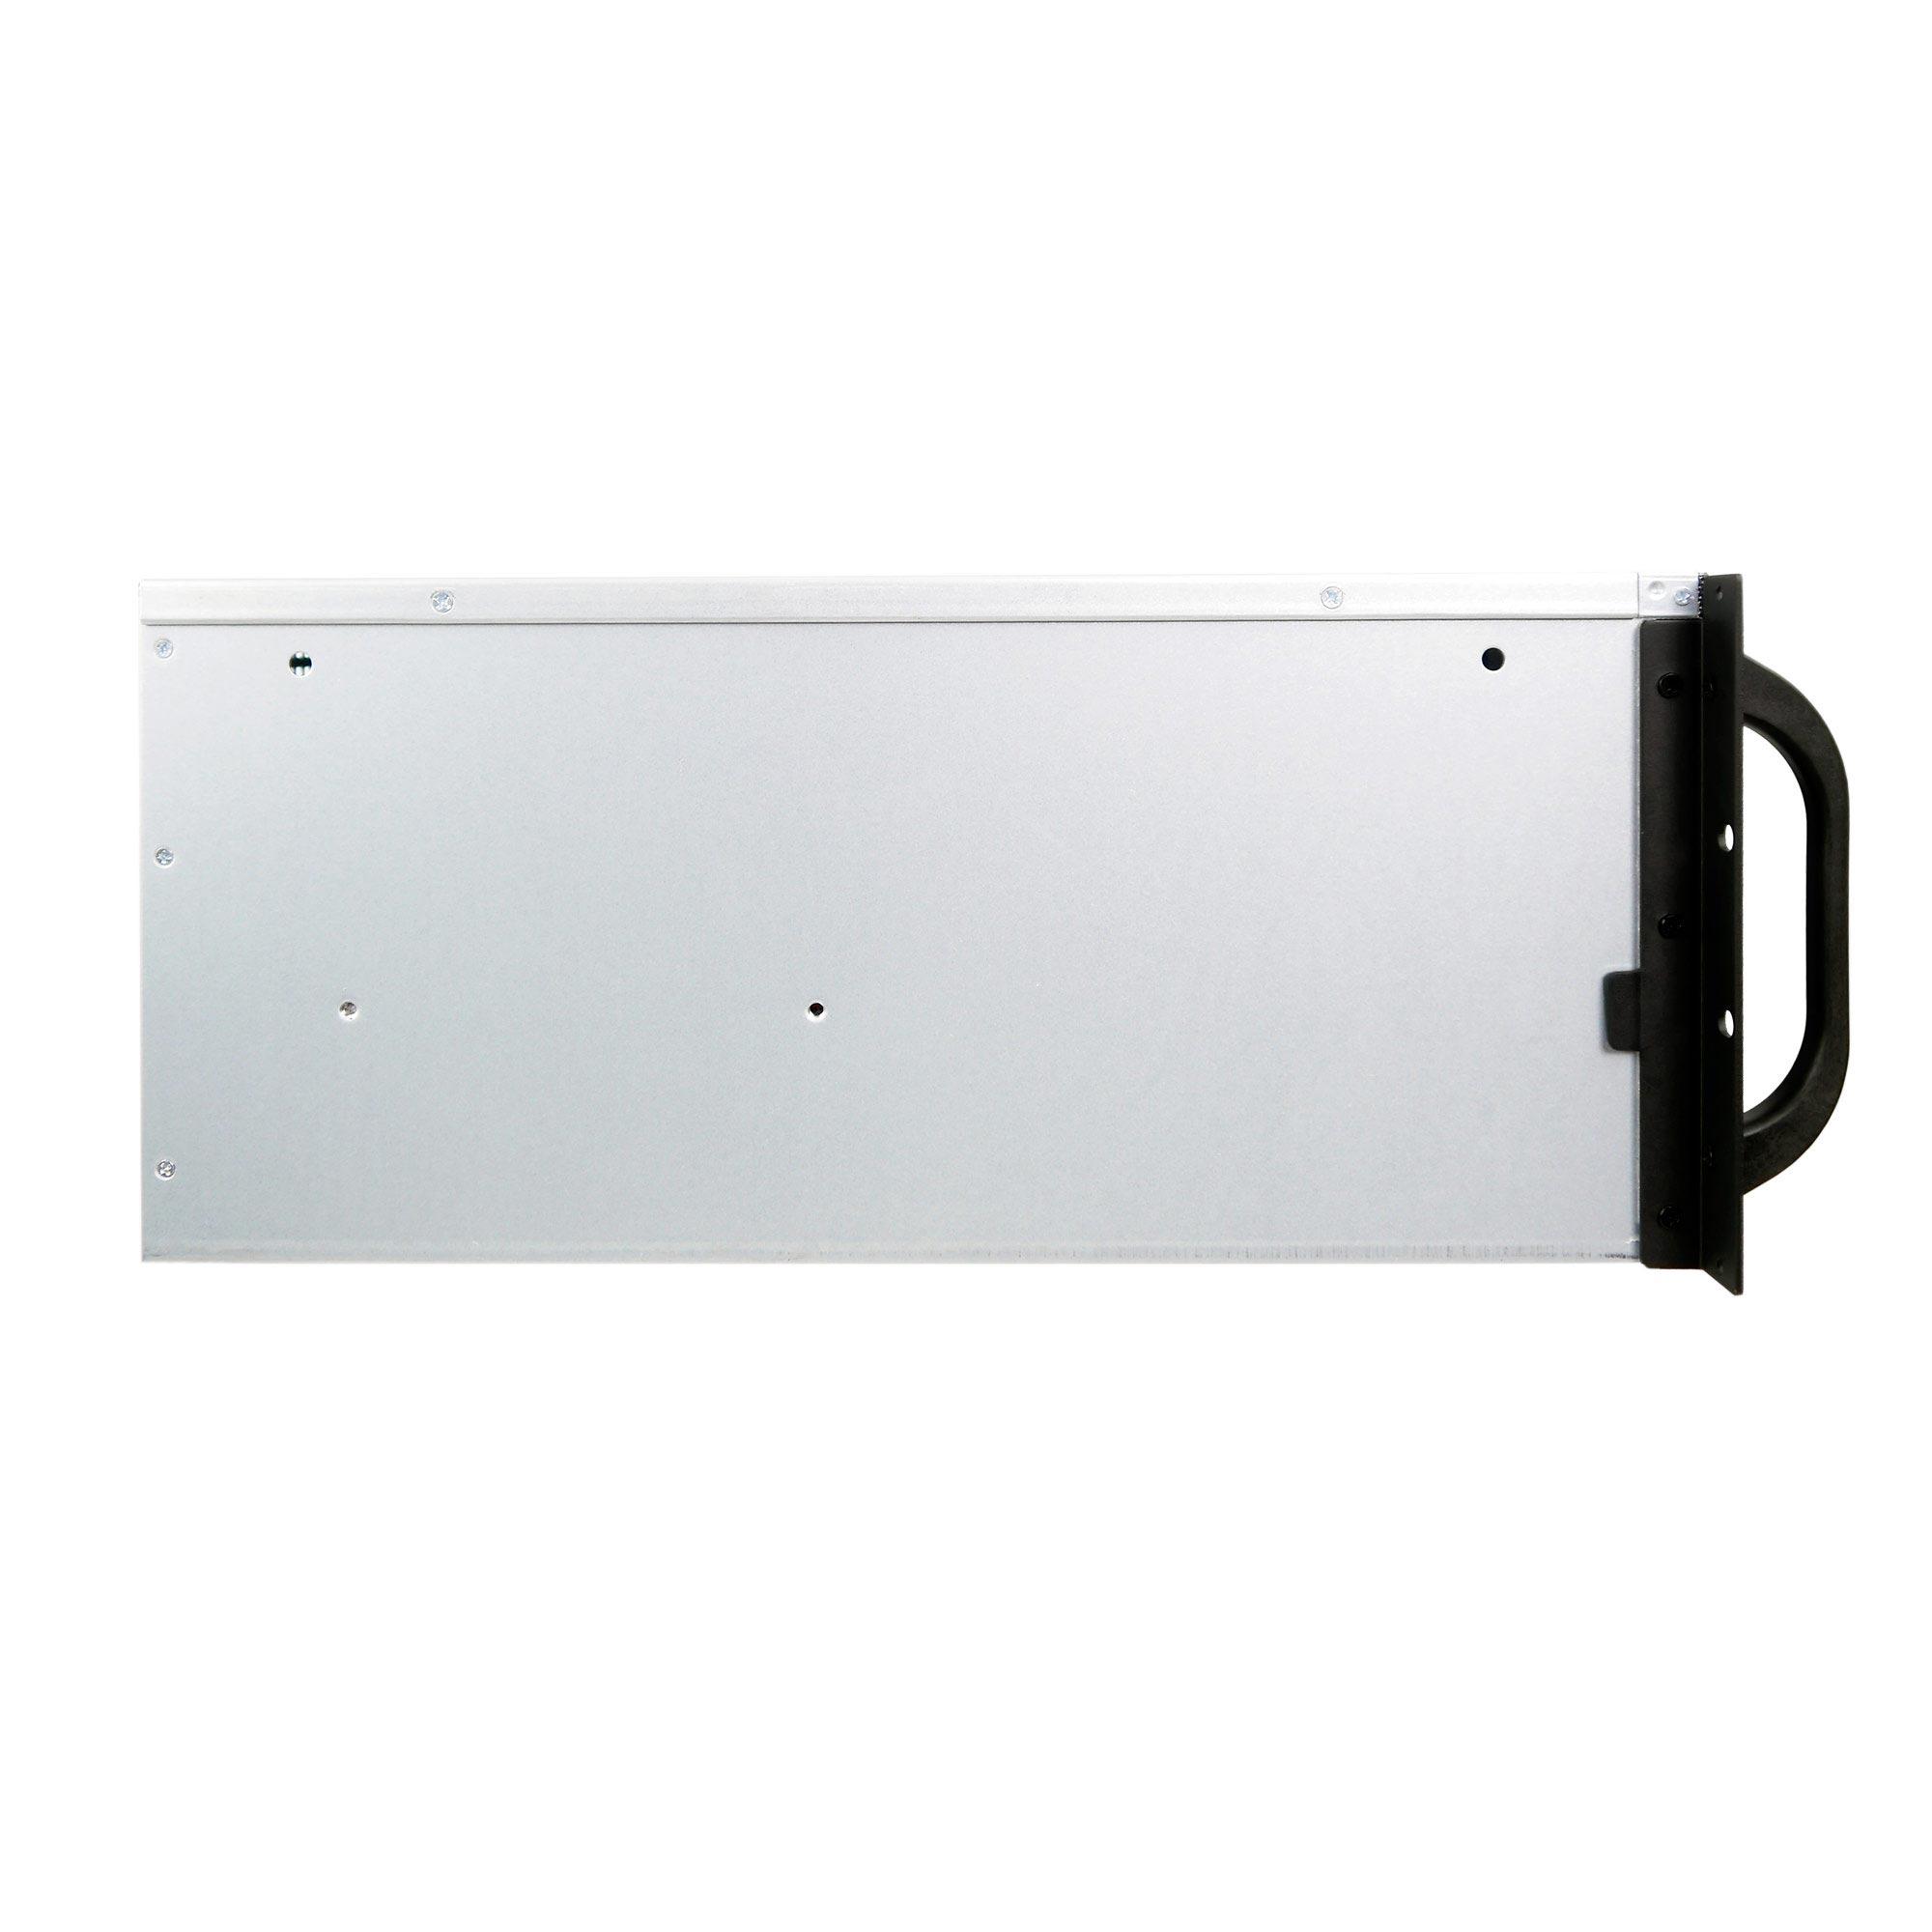 """Серверный корпус 4U NR-N4421 1000Вт (EATX 12x13, 1x5.25, 2x3.5"""" 400mm), черный, Negorack"""